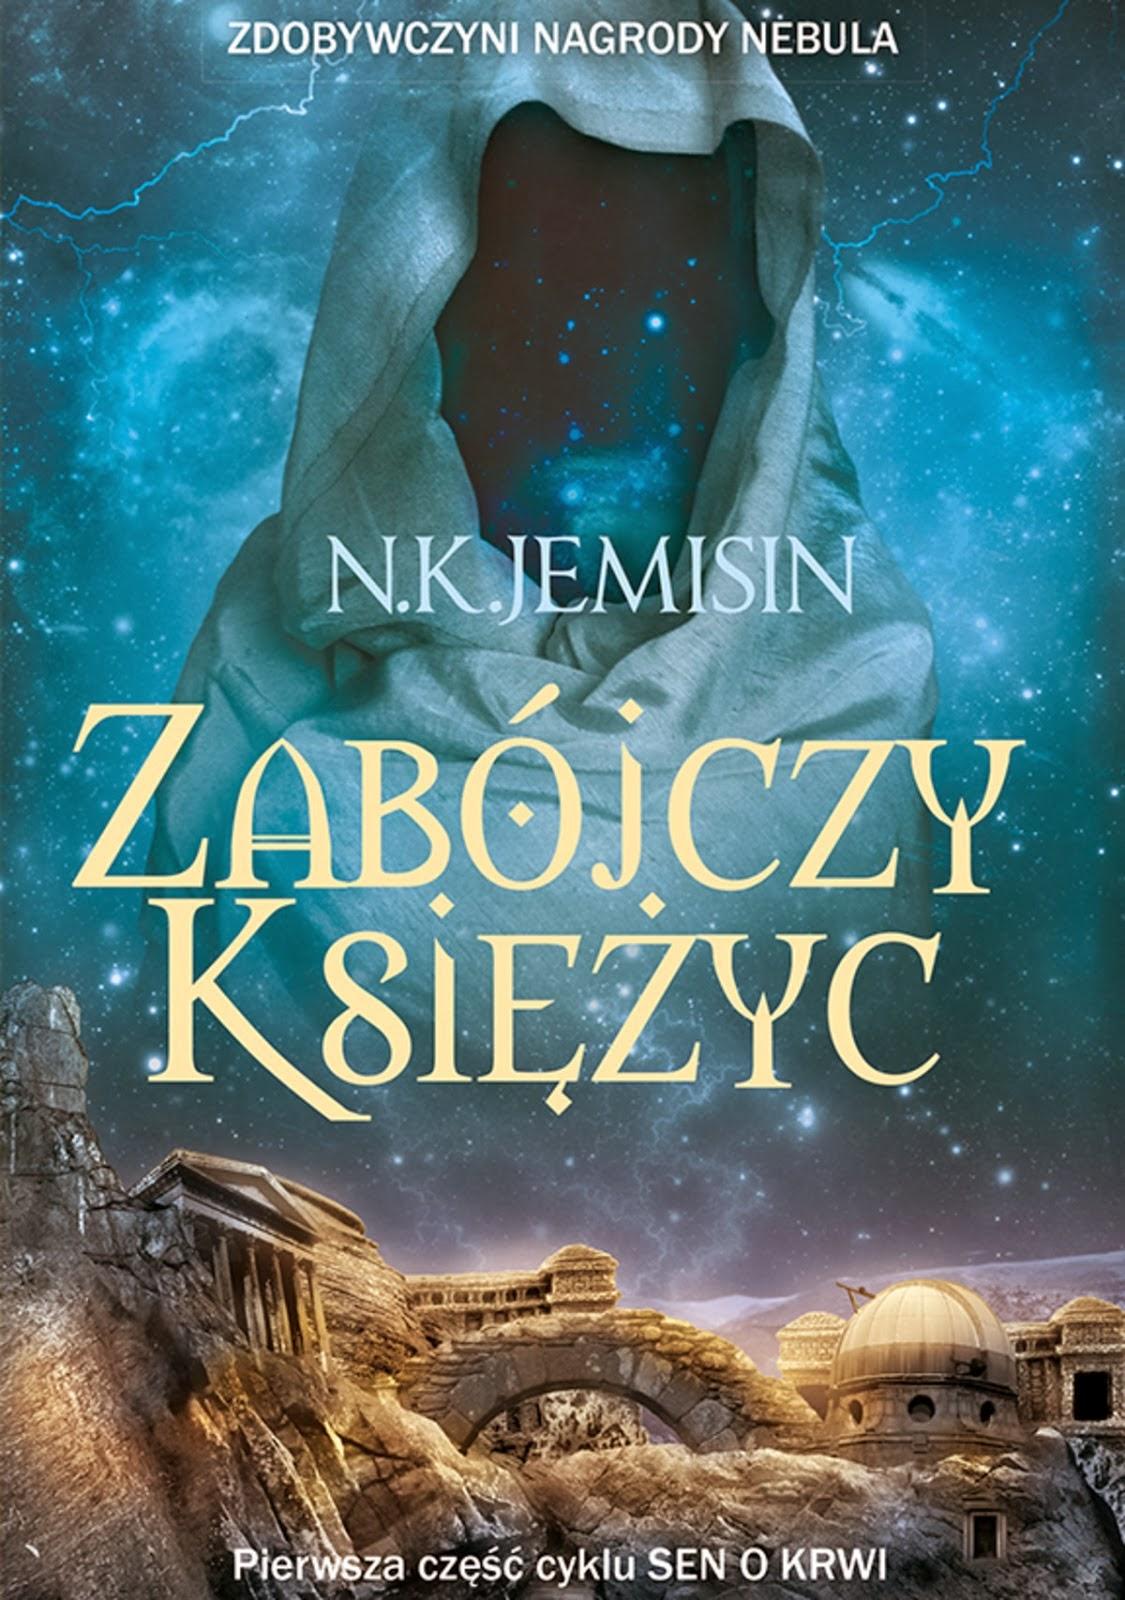 http://www.wydawnictwoakurat.pl/ksiazki/fantasy/64-zabojczy-ksiezyc-wkrotce